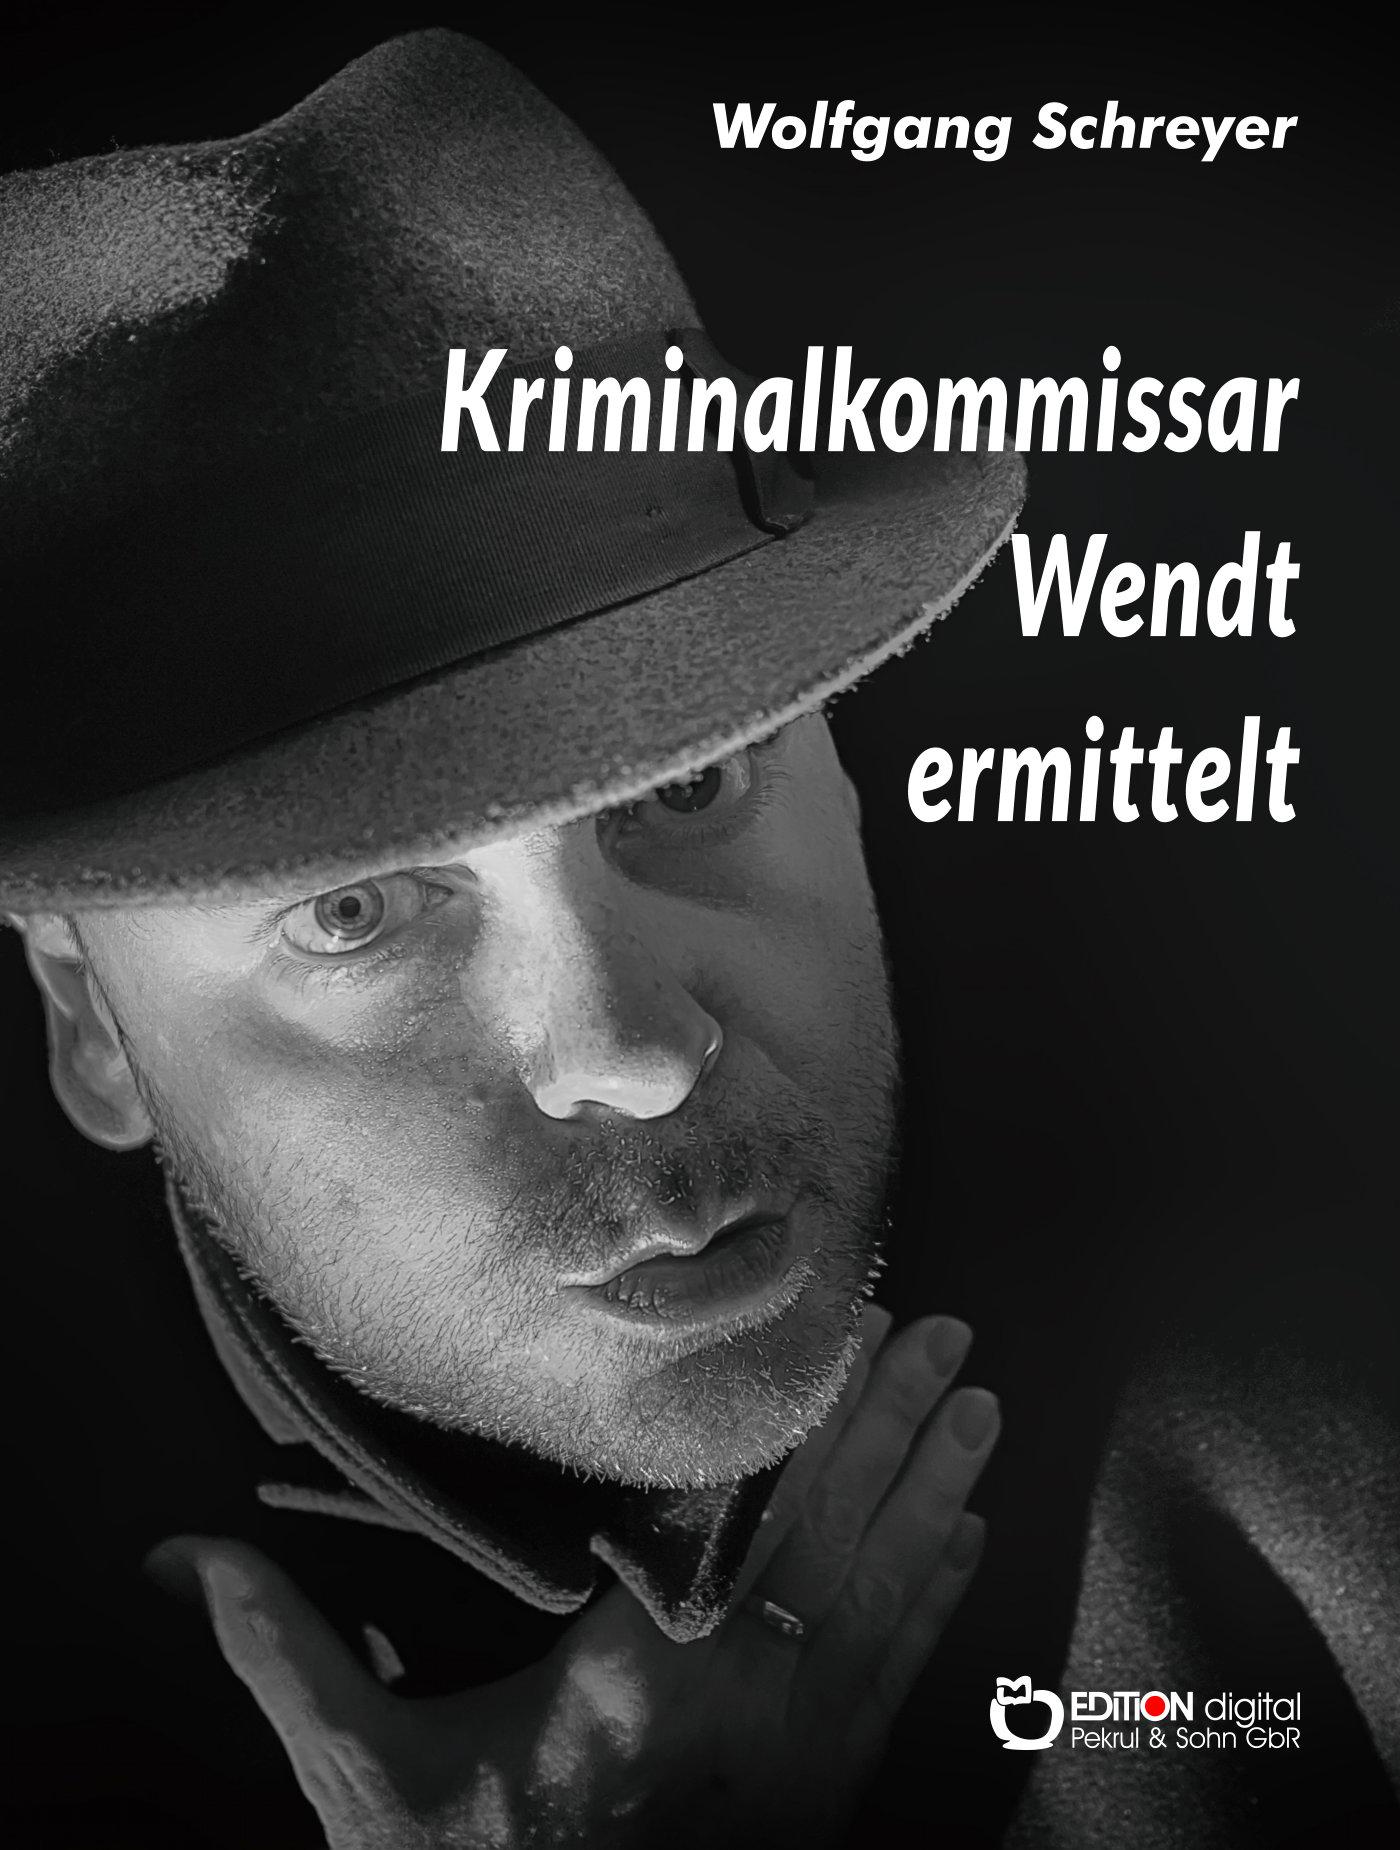 Kriminalkommissar Wendt ermittelt von Wolfgang Schreyer